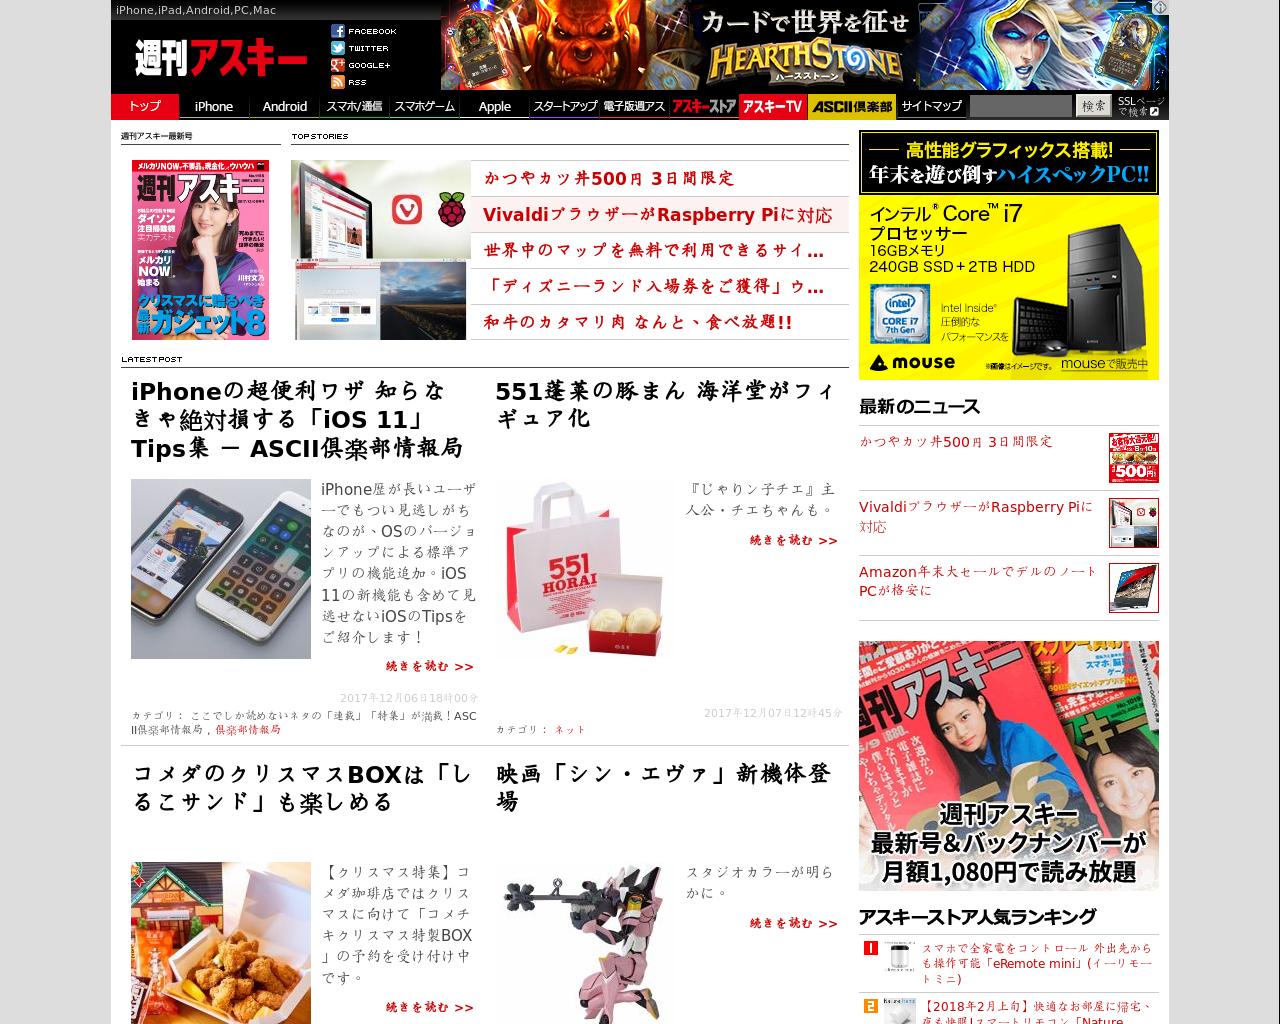 weekly.ascii.jp(2017/12/02 09:50:52)